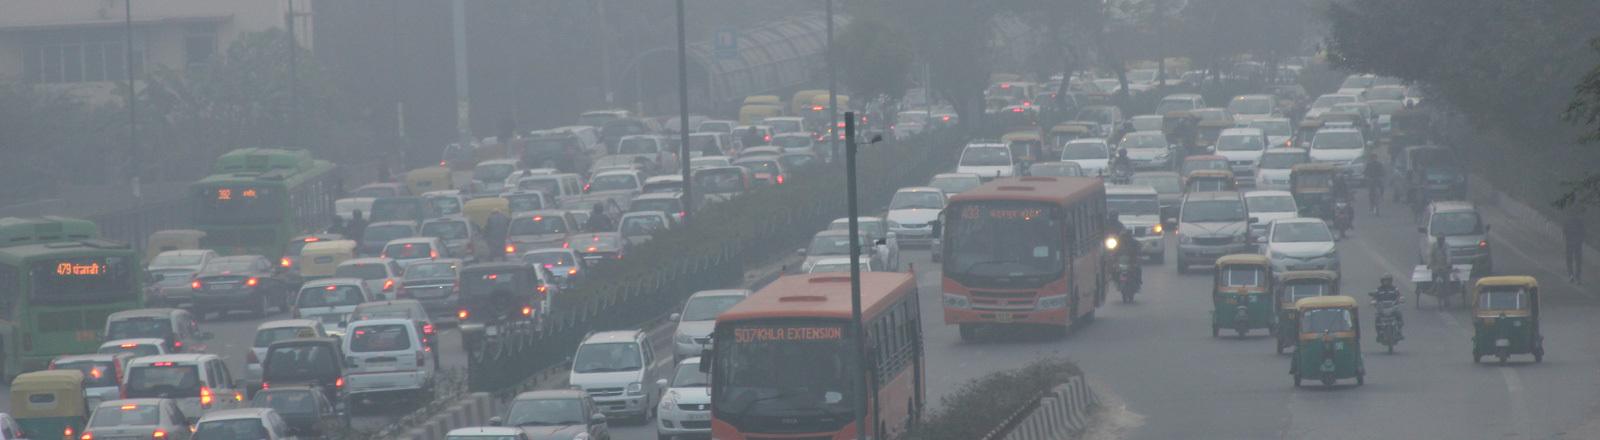 Smog in den Straßen von Neu-Delhi.